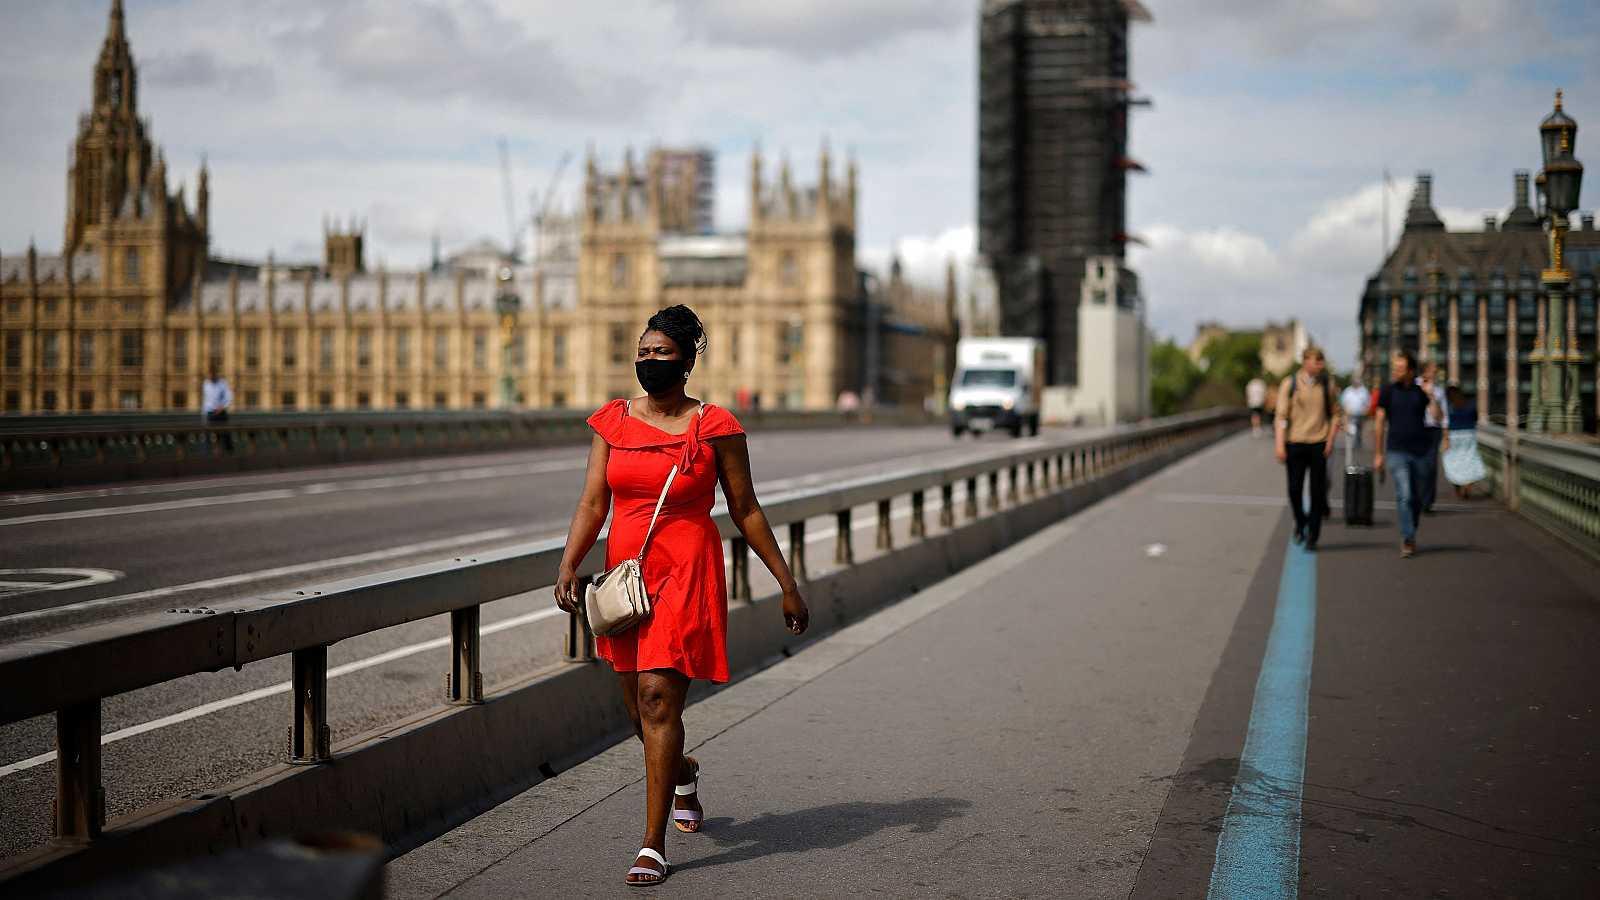 Una mujer cruza caminando el Puente de Westminster, en Londres.